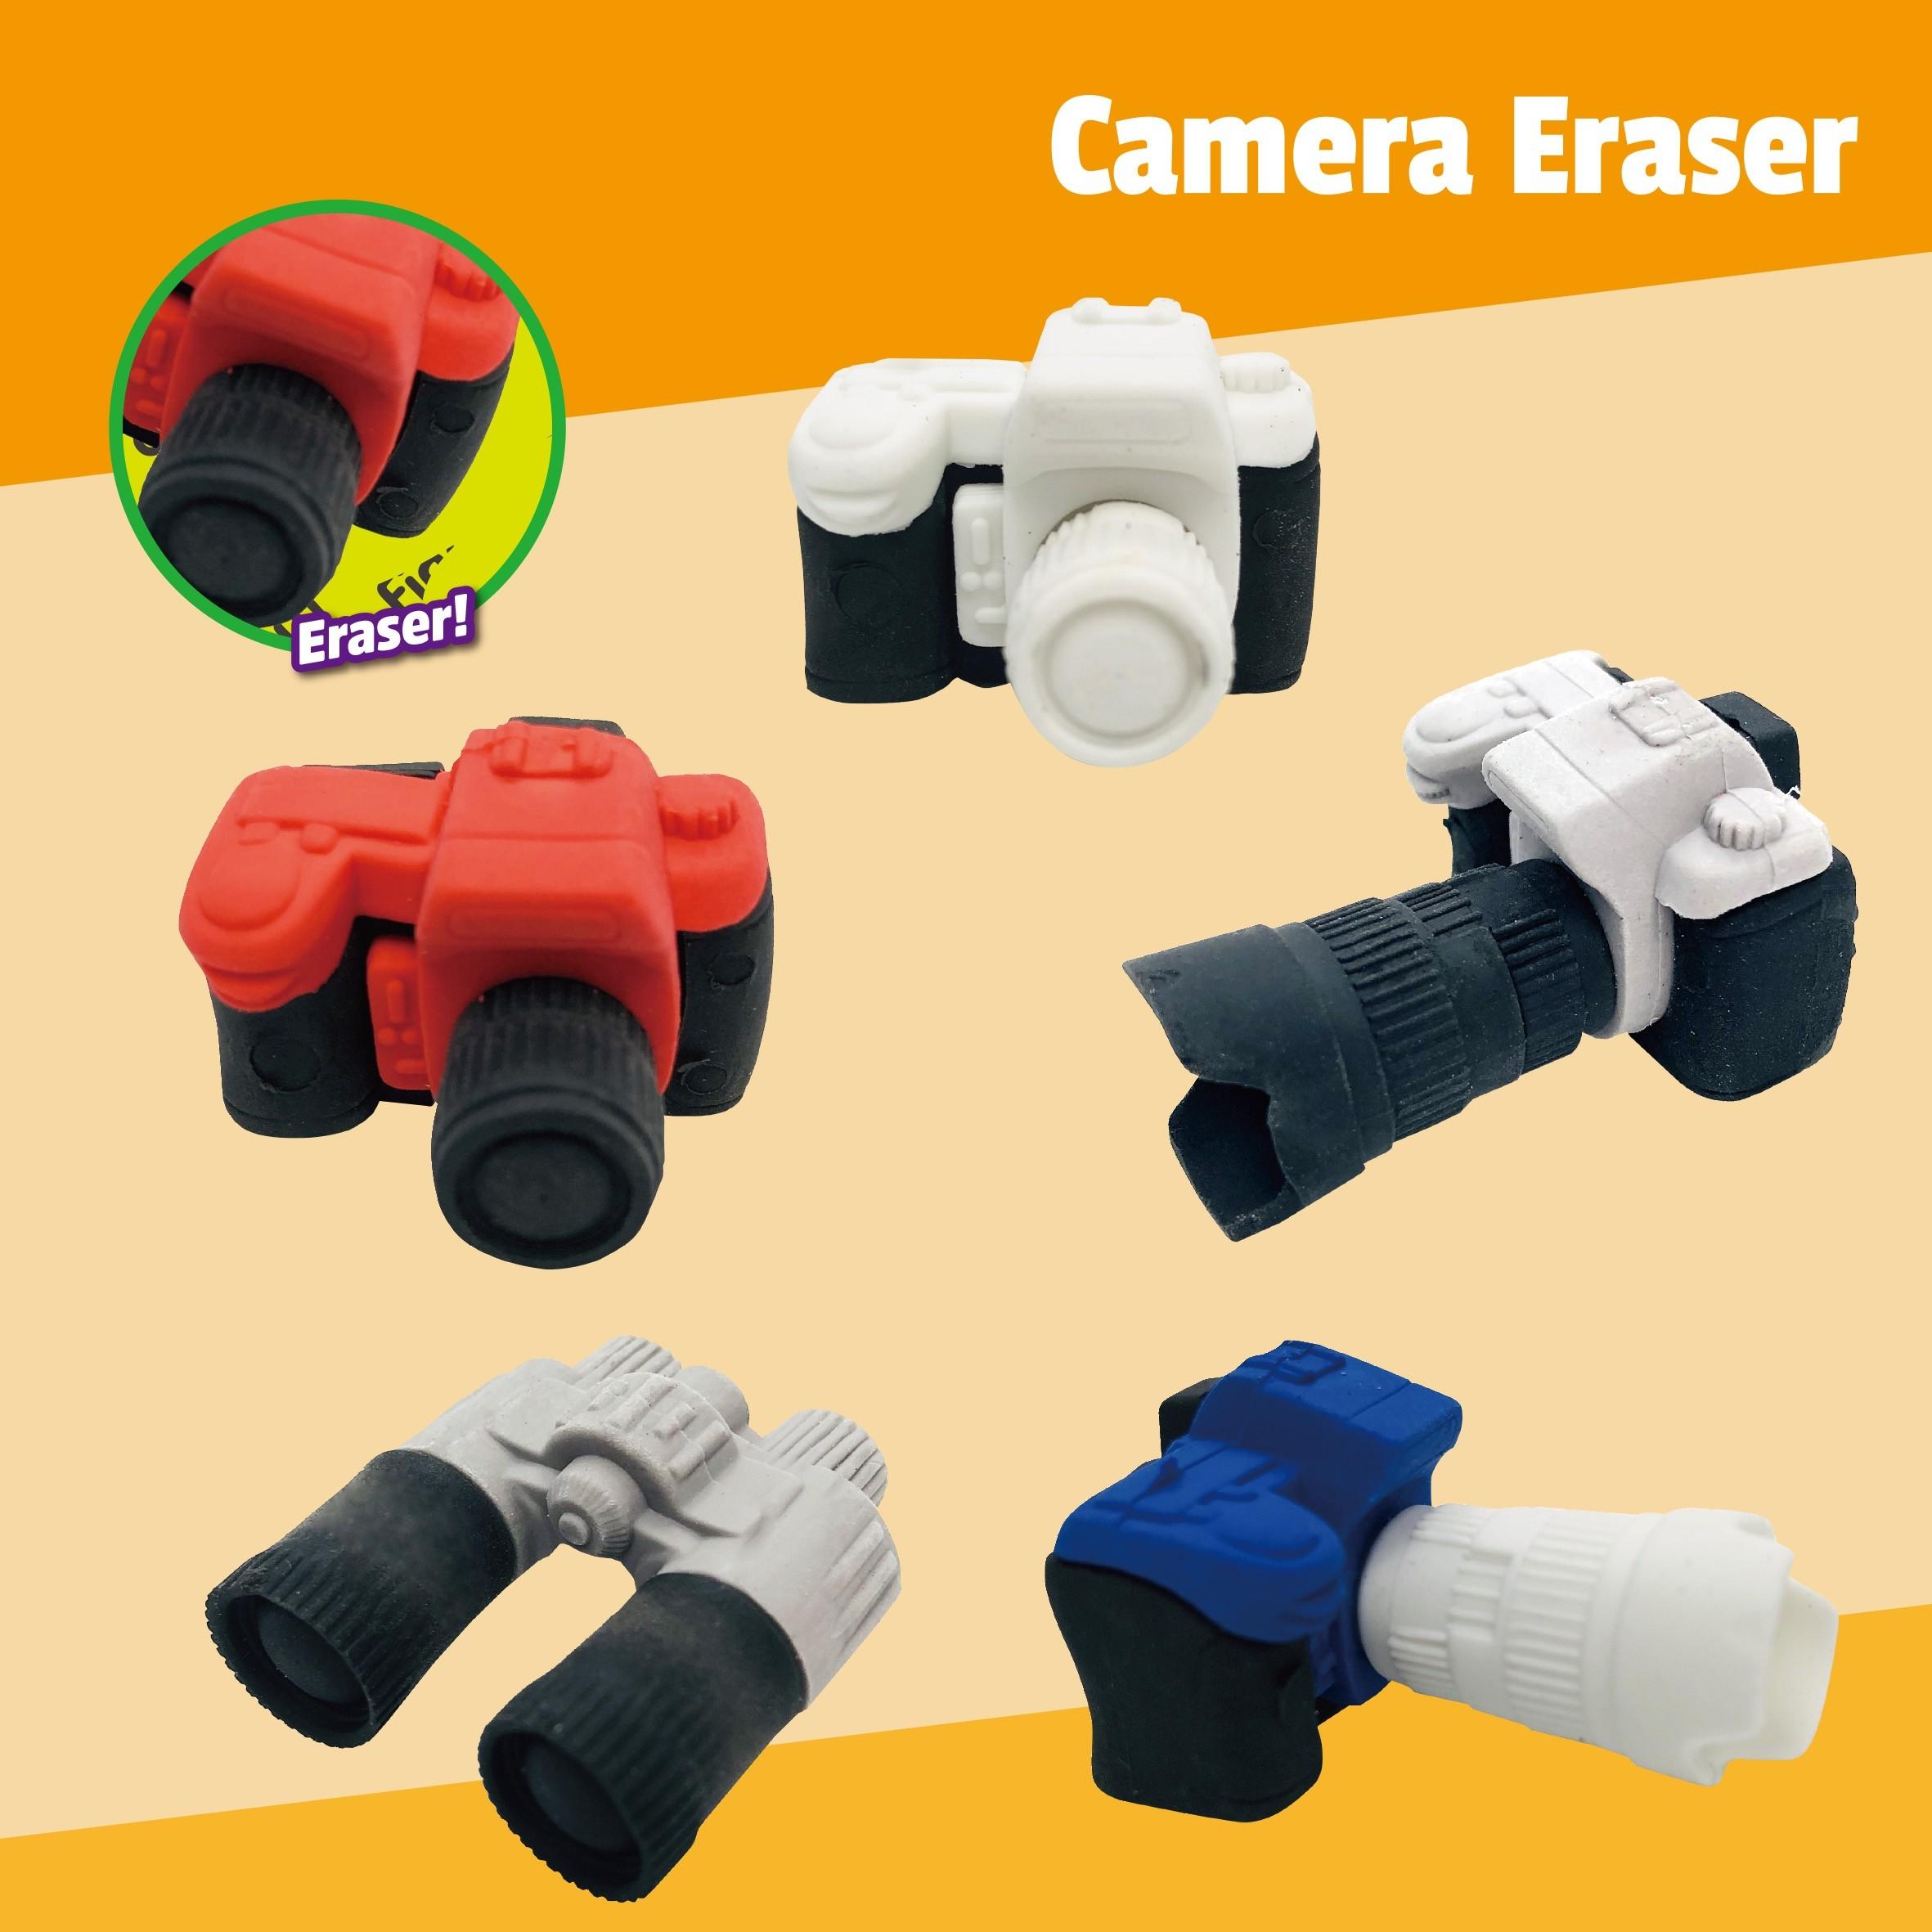 Camera Eraser